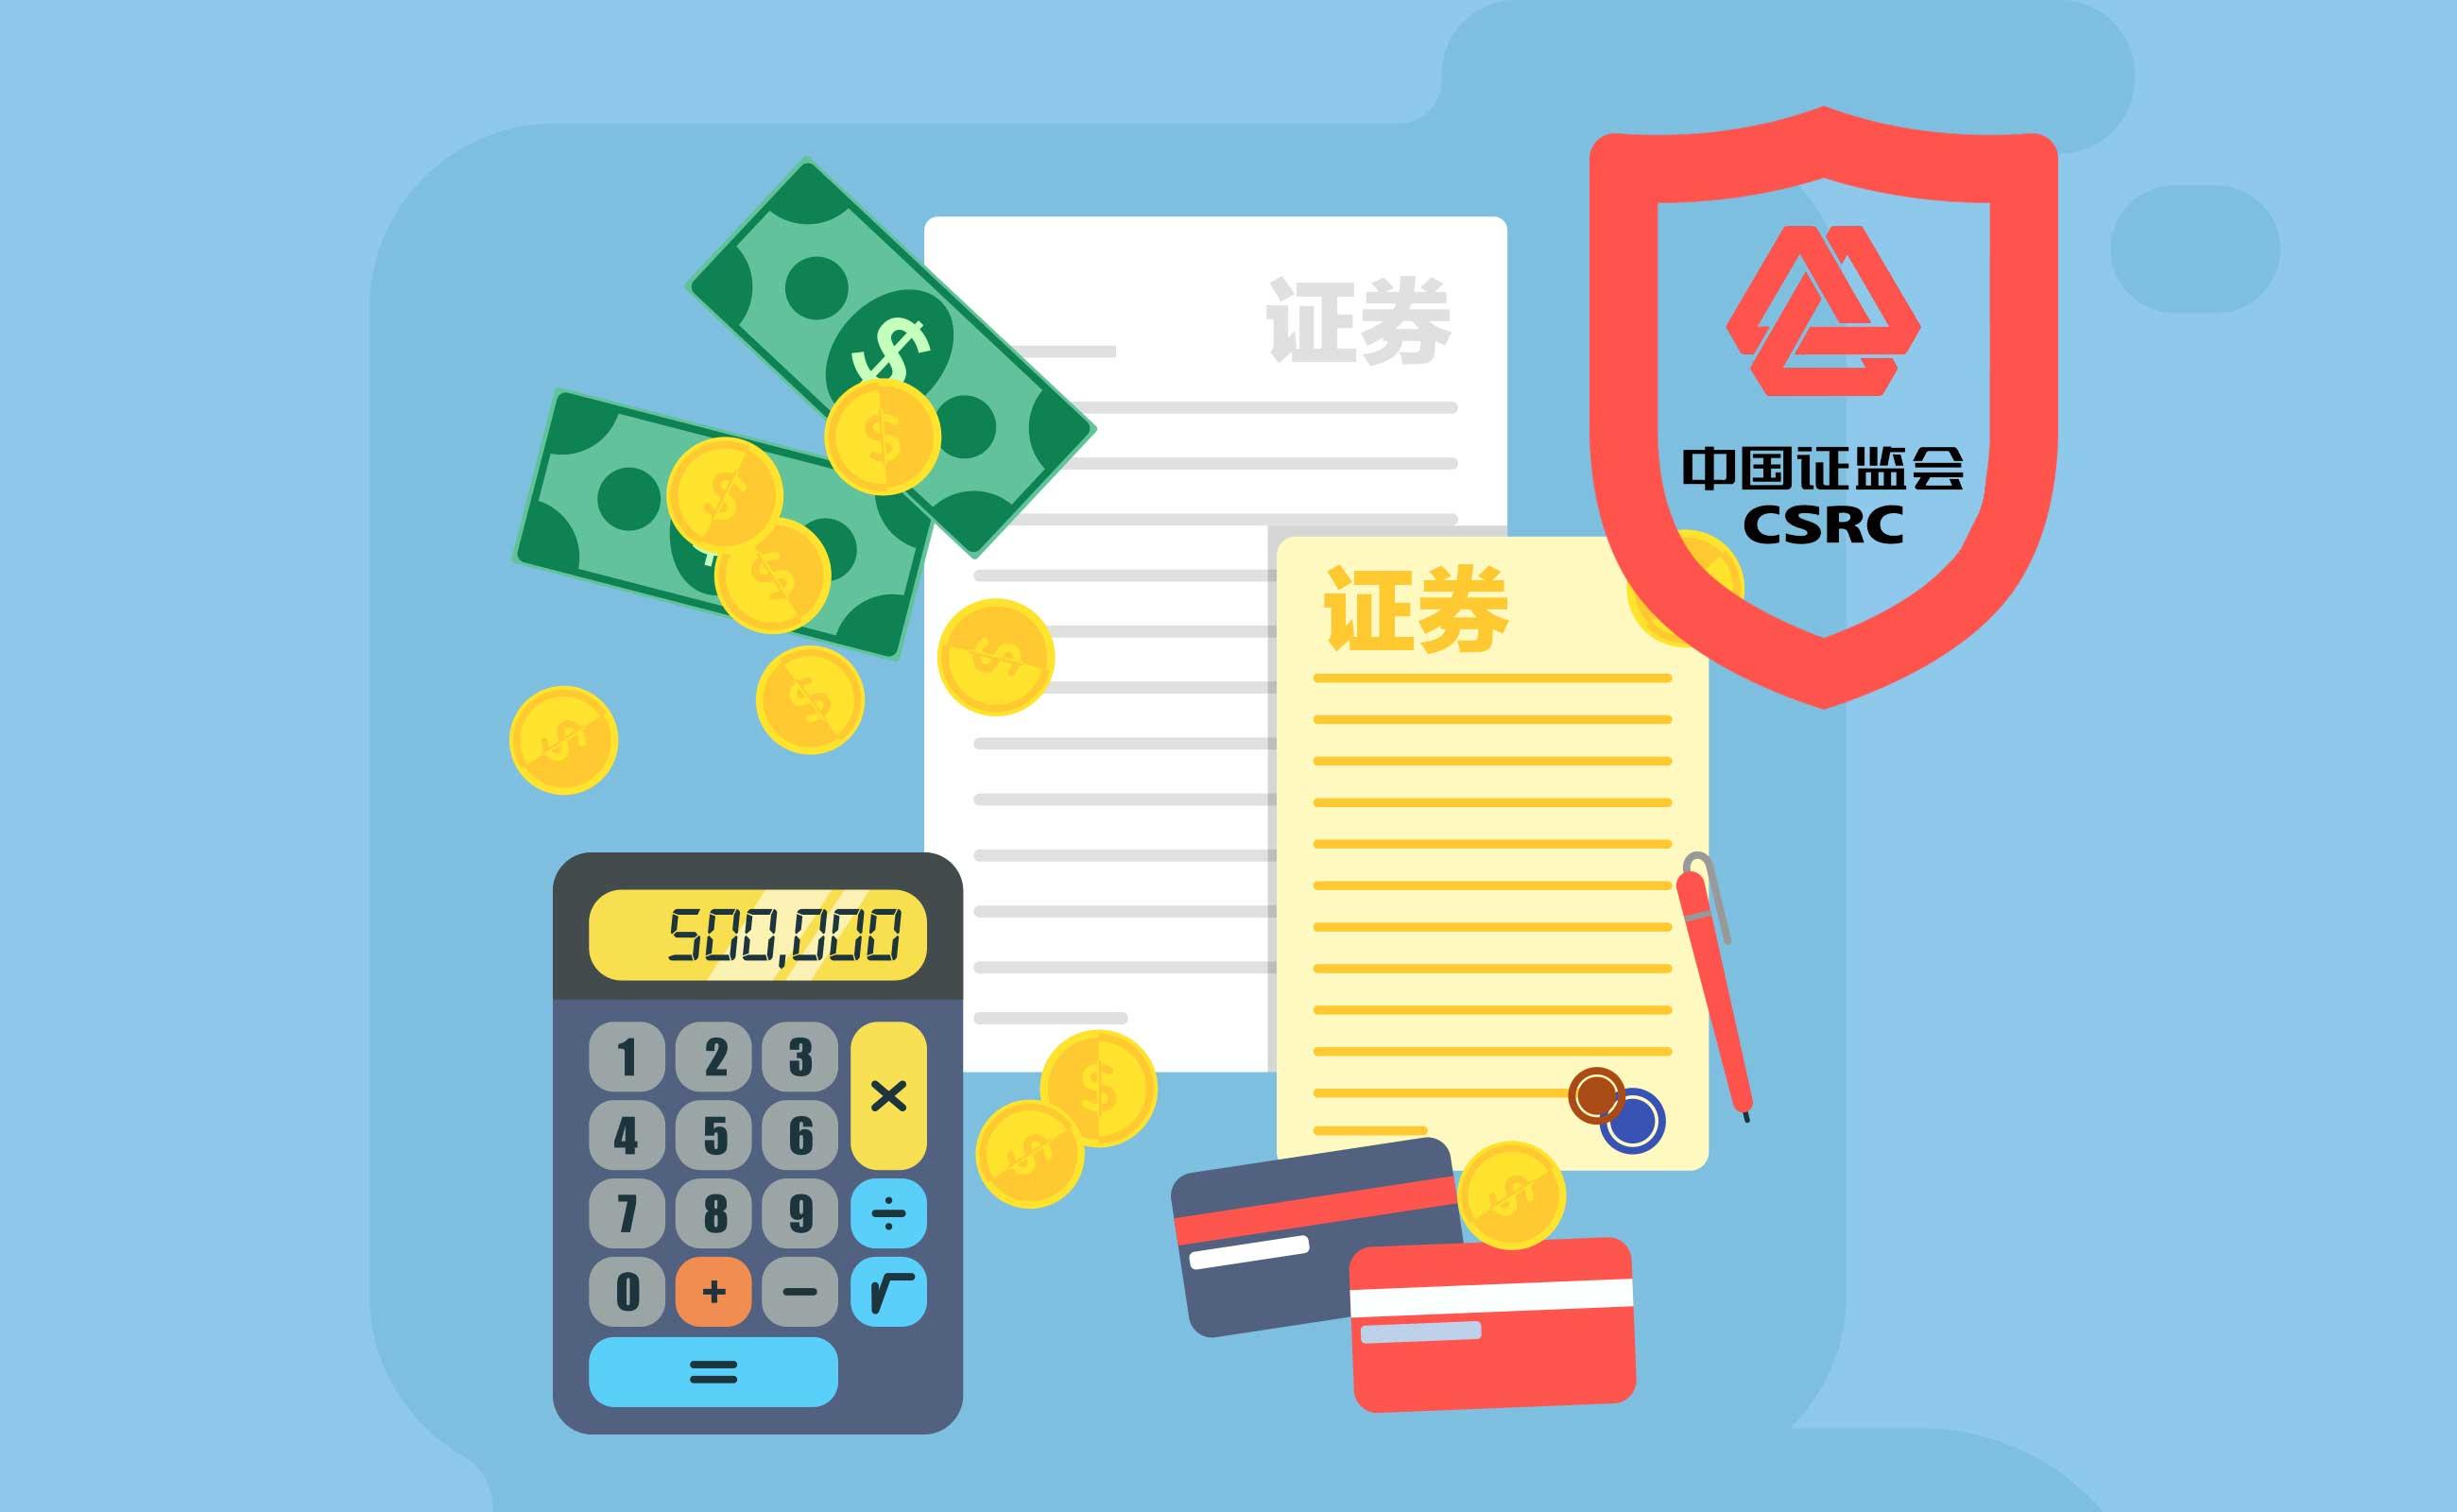 证监会召开全面深化资本市场改革社保基金和保险机构座谈会